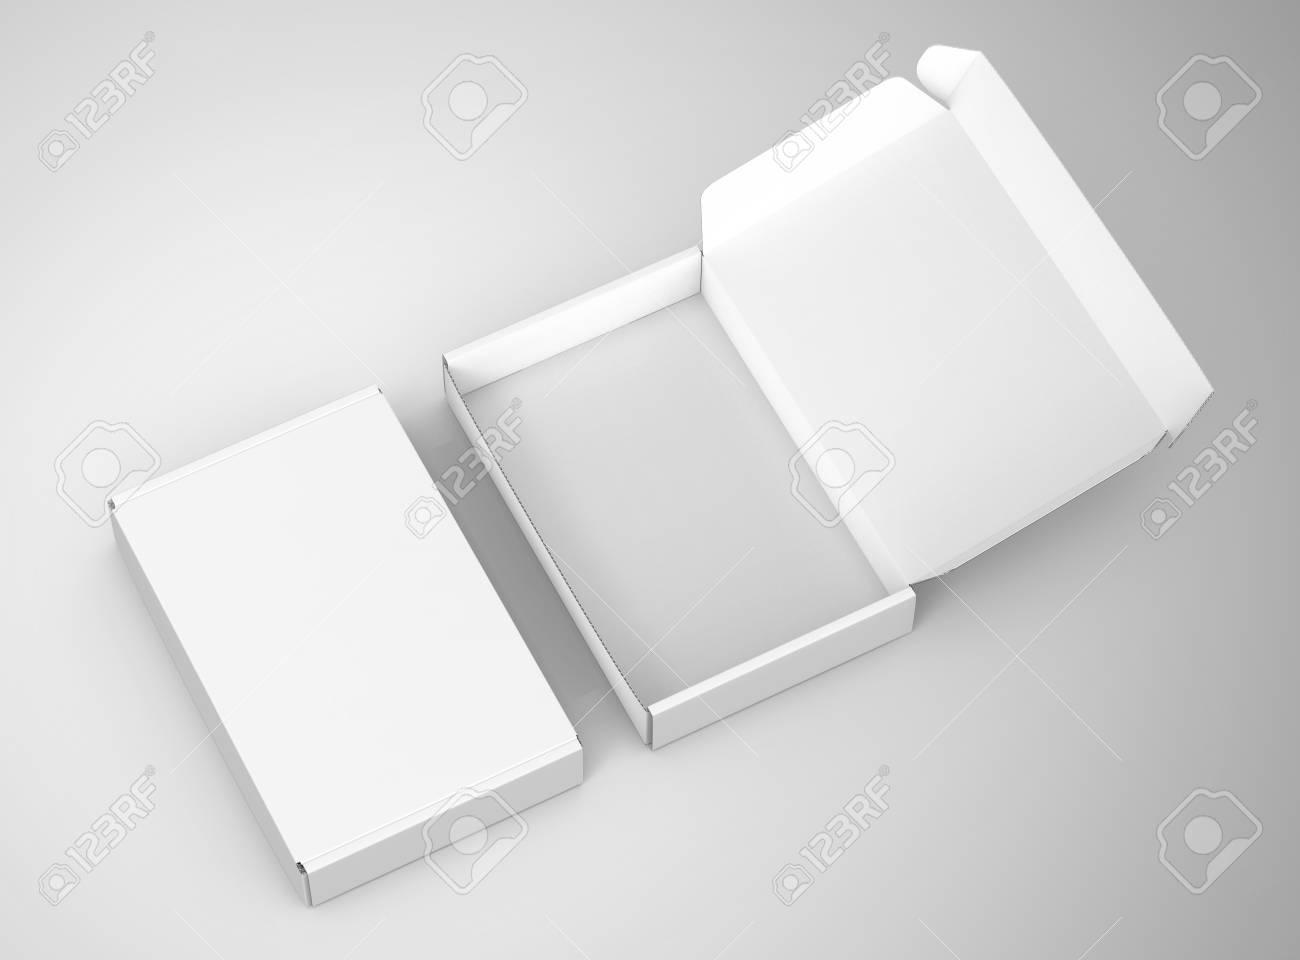 Ausgezeichnet Saft Box Vorlage Fotos - Dokumentationsvorlage ...